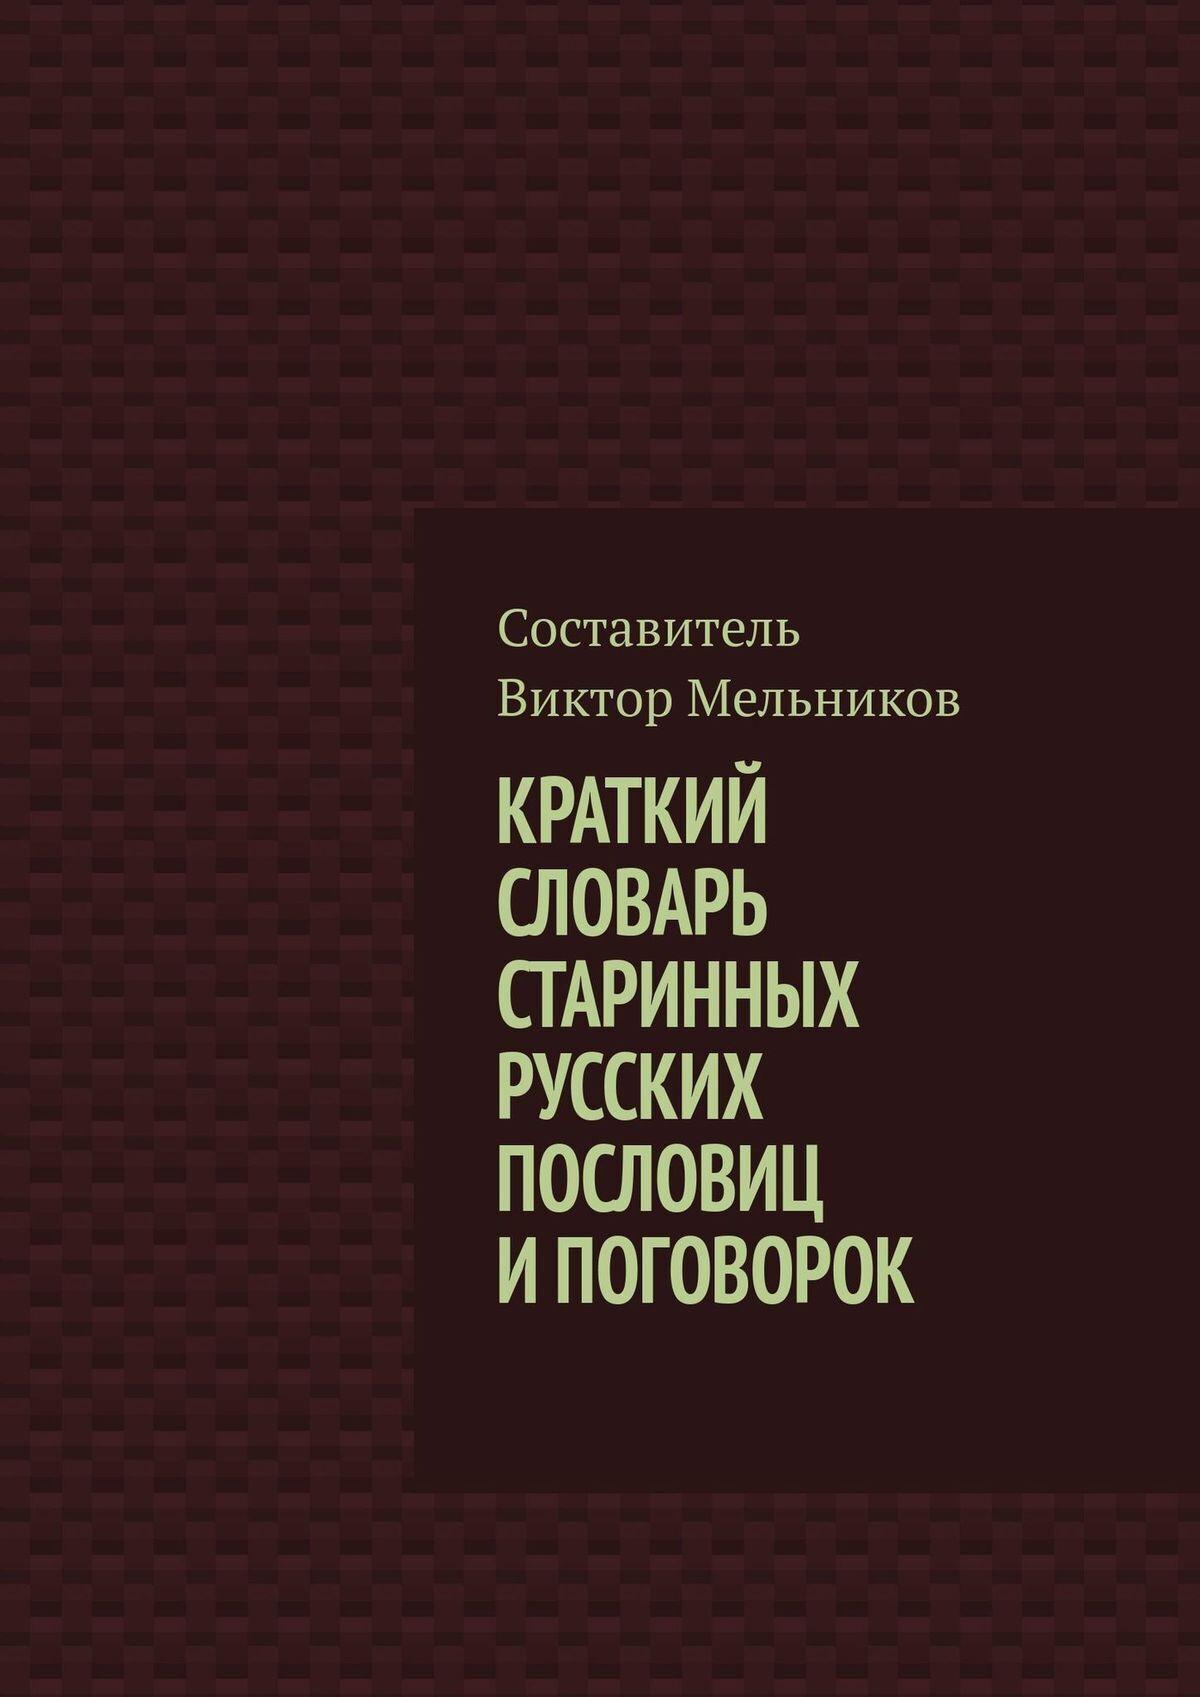 Виктор Мельников Краткий словарь старинных русских пословиц ипоговорок